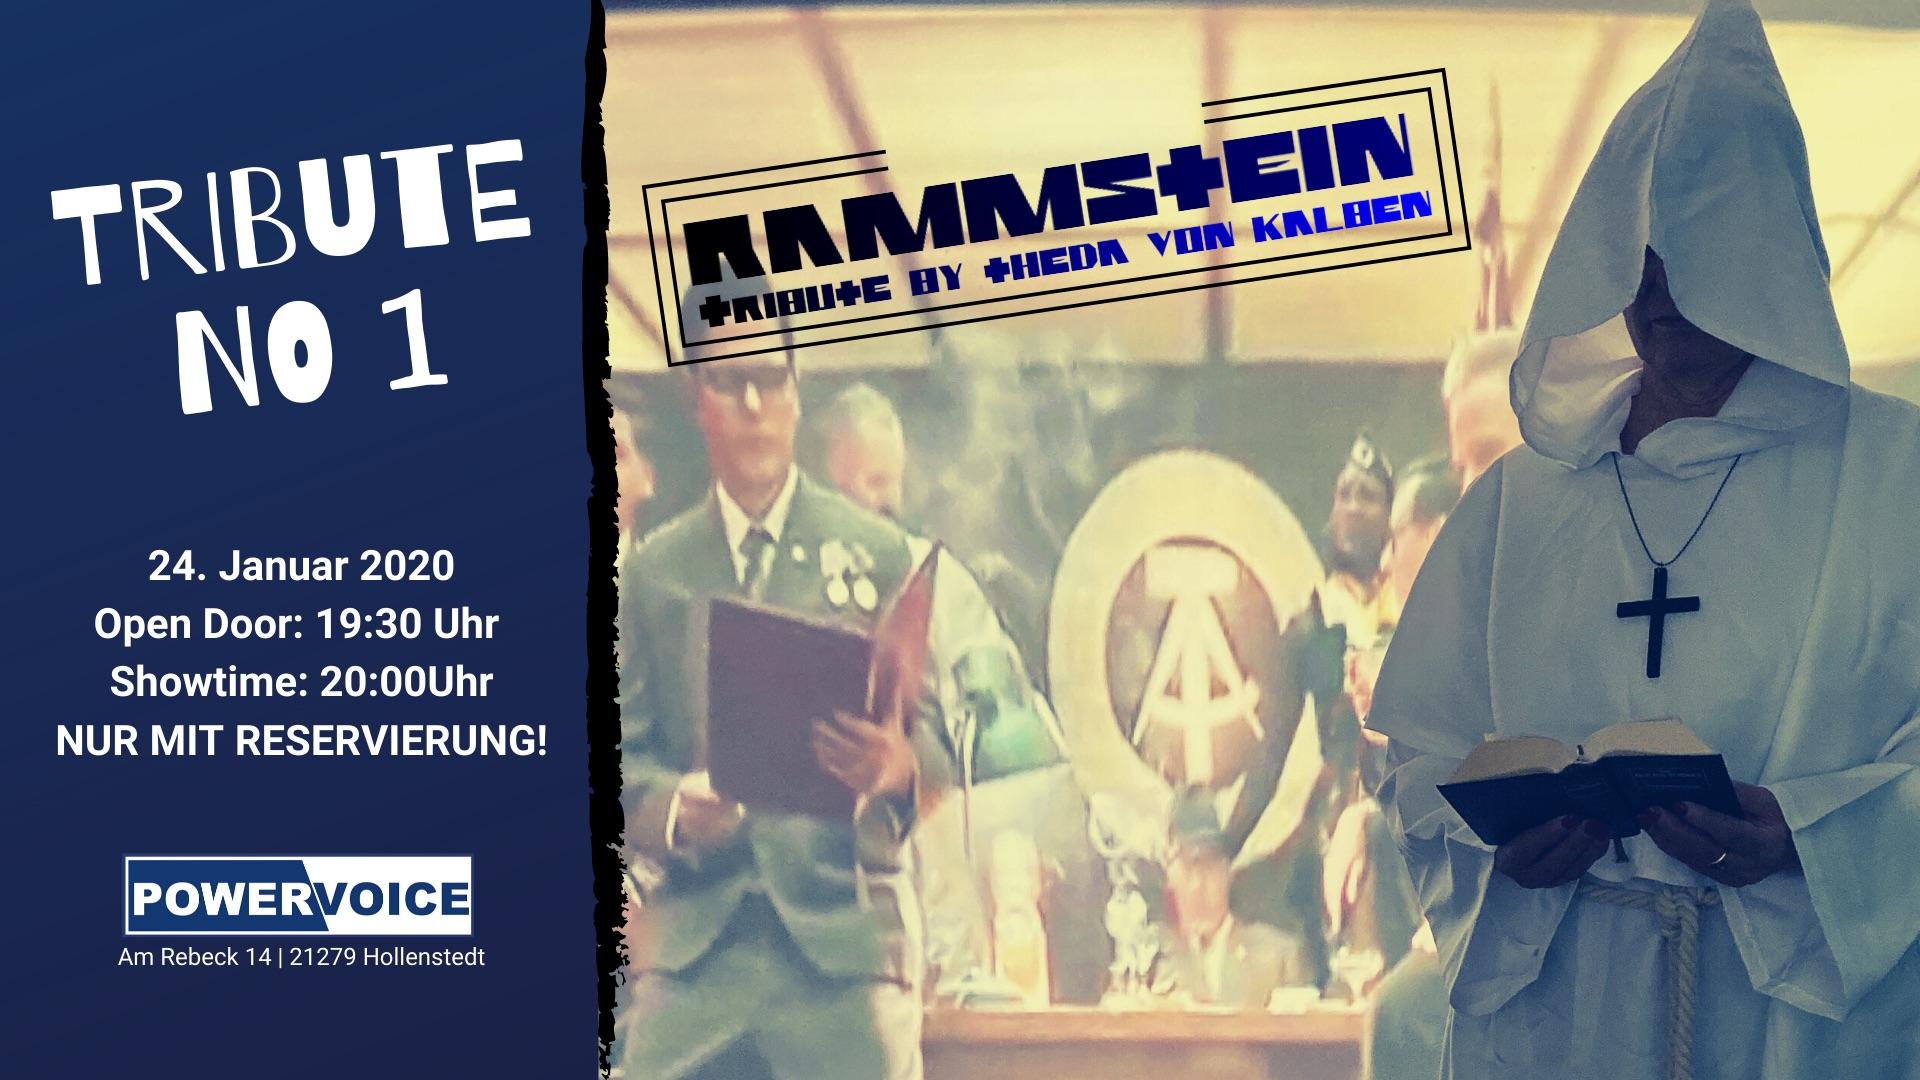 Rammstein Tribute Show by Theda von Kalben